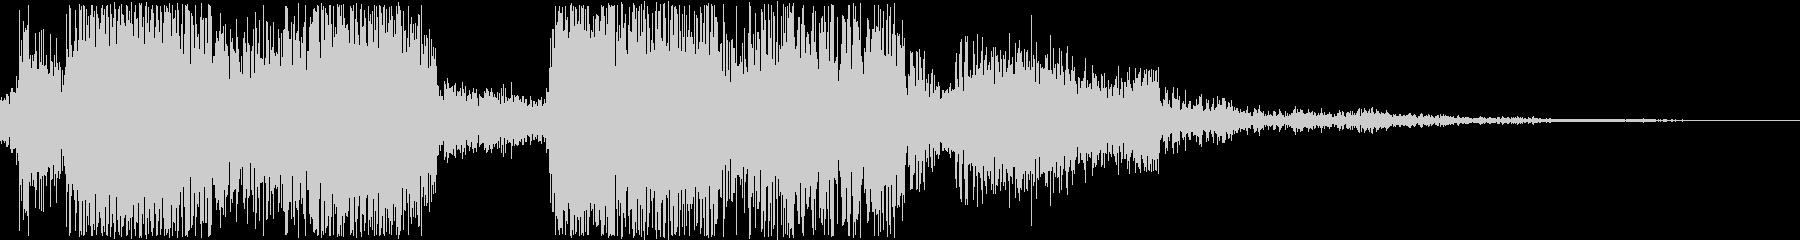 アンデッド/モンスターの叫び声_複数の未再生の波形